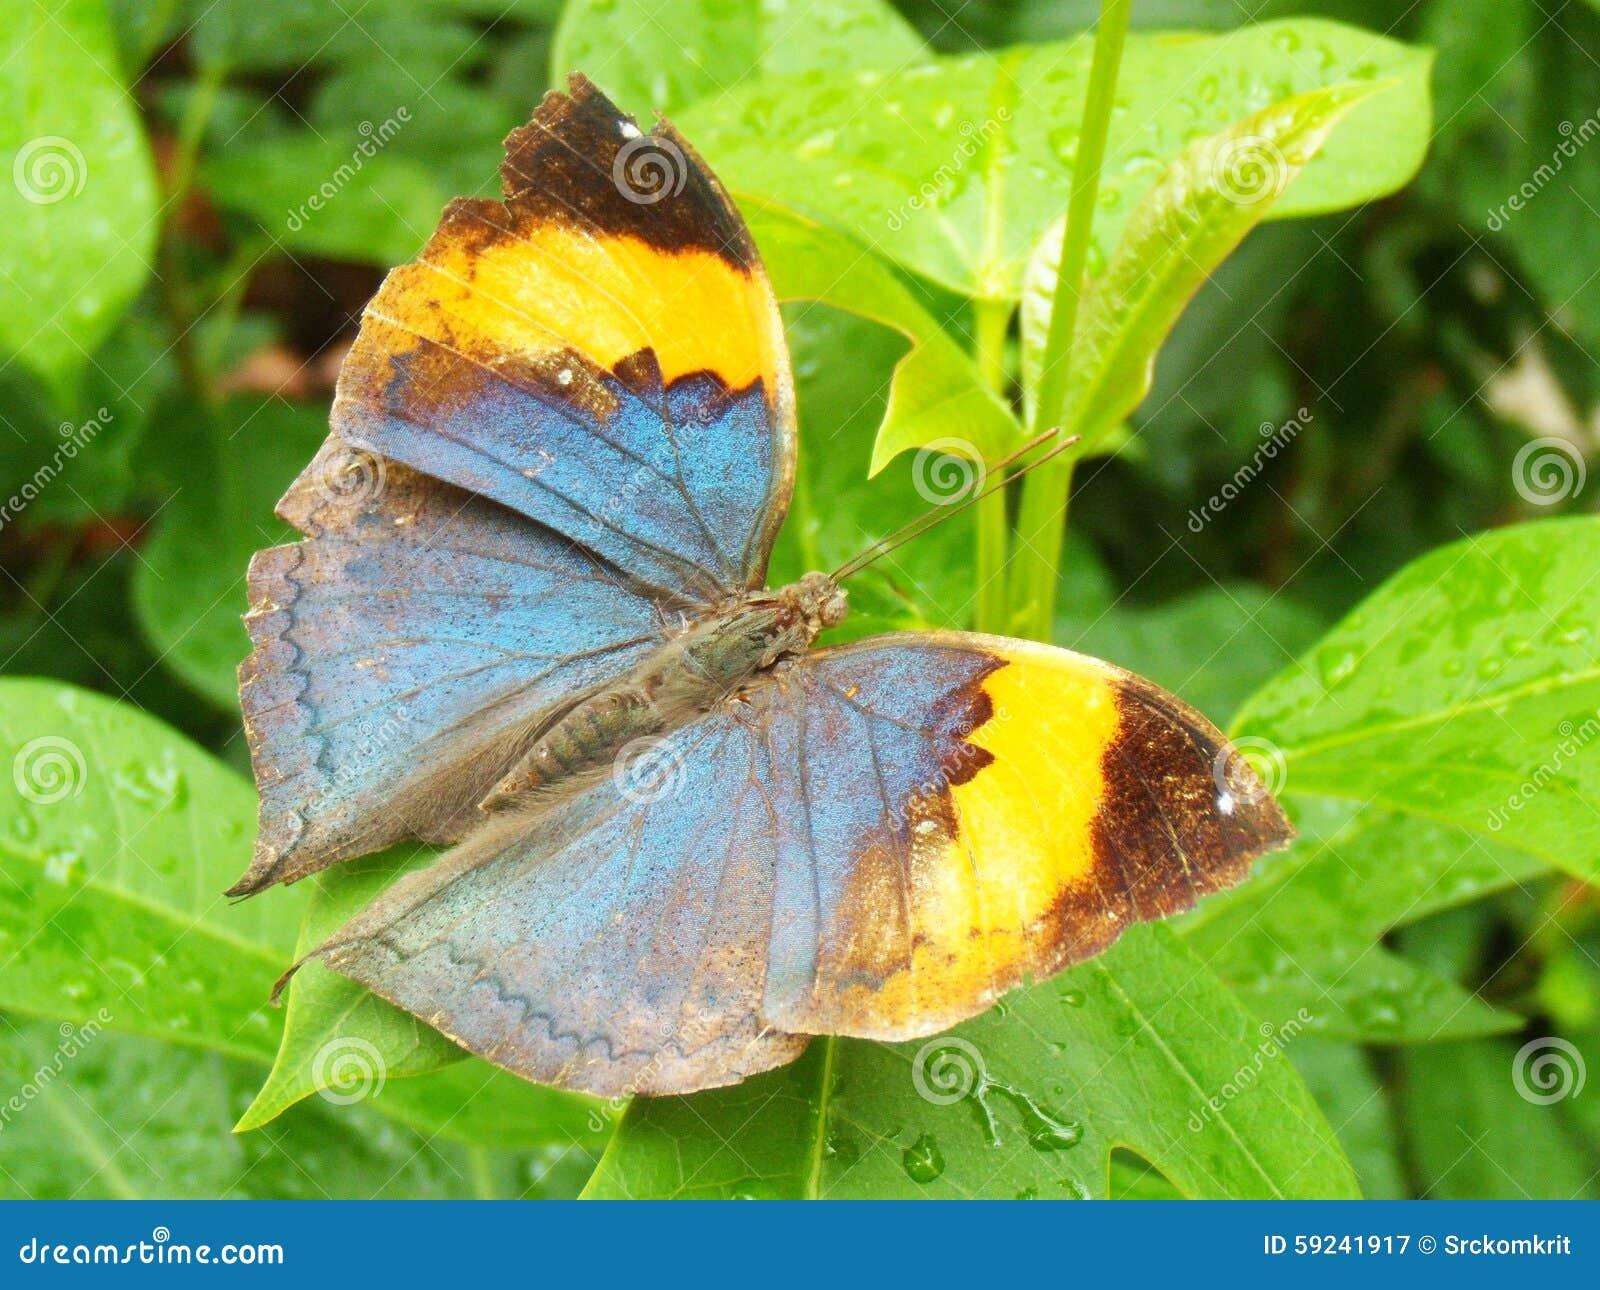 Download Mantequilla imagen de archivo. Imagen de ornitología - 59241917